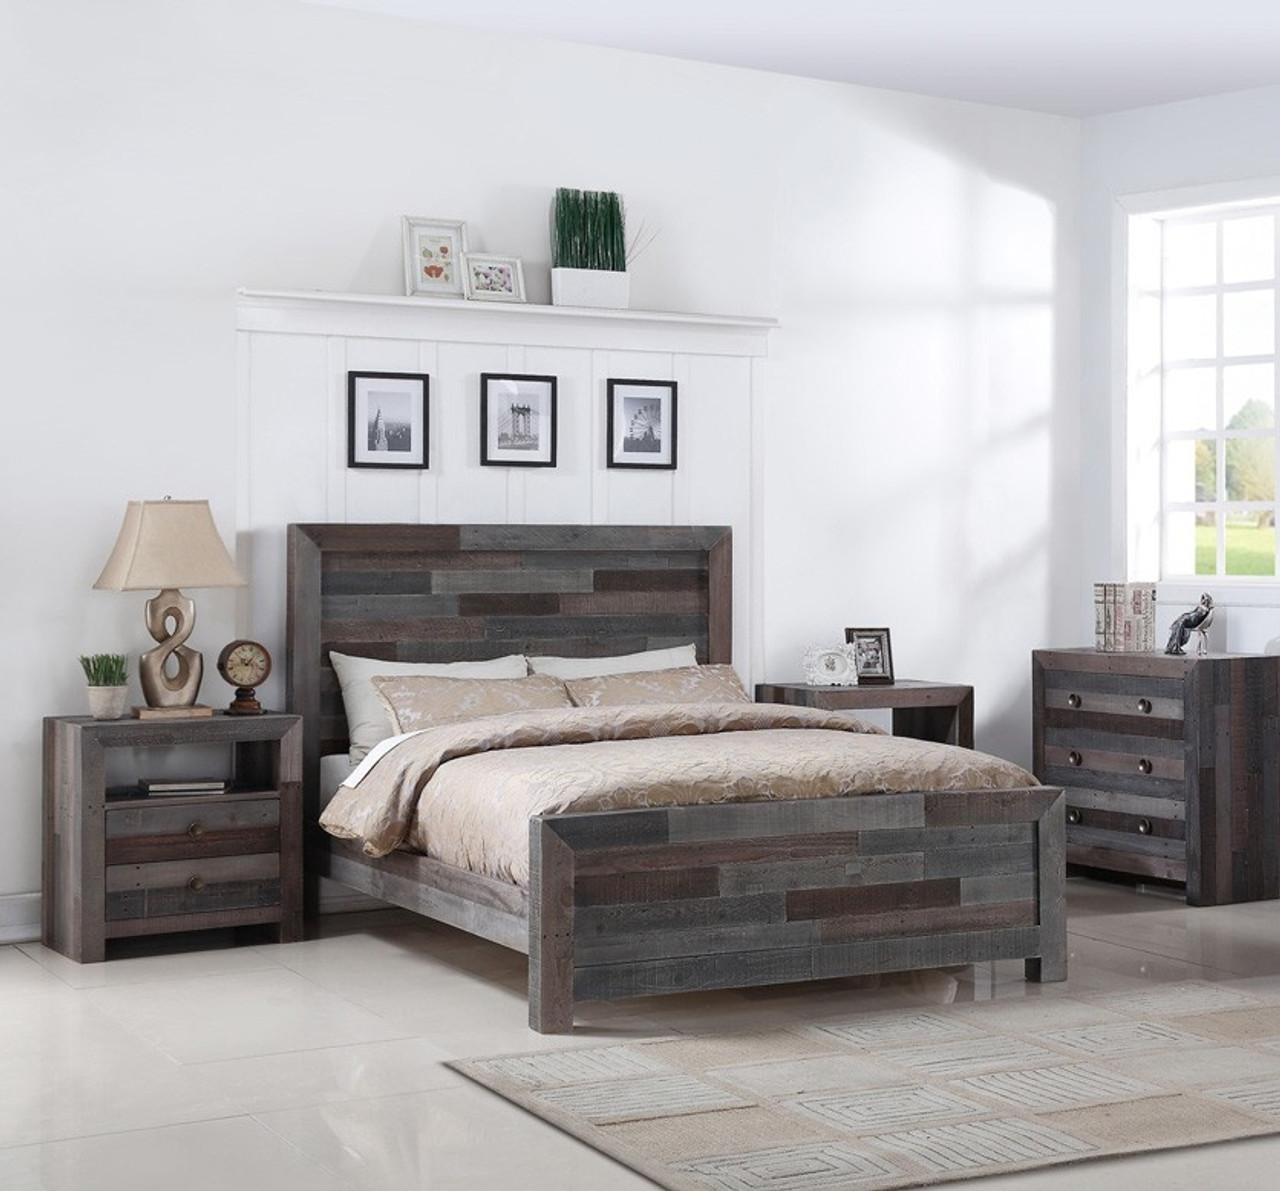 Angora Reclaimed Wood Queen Size Platform Bed Storm Zin Home